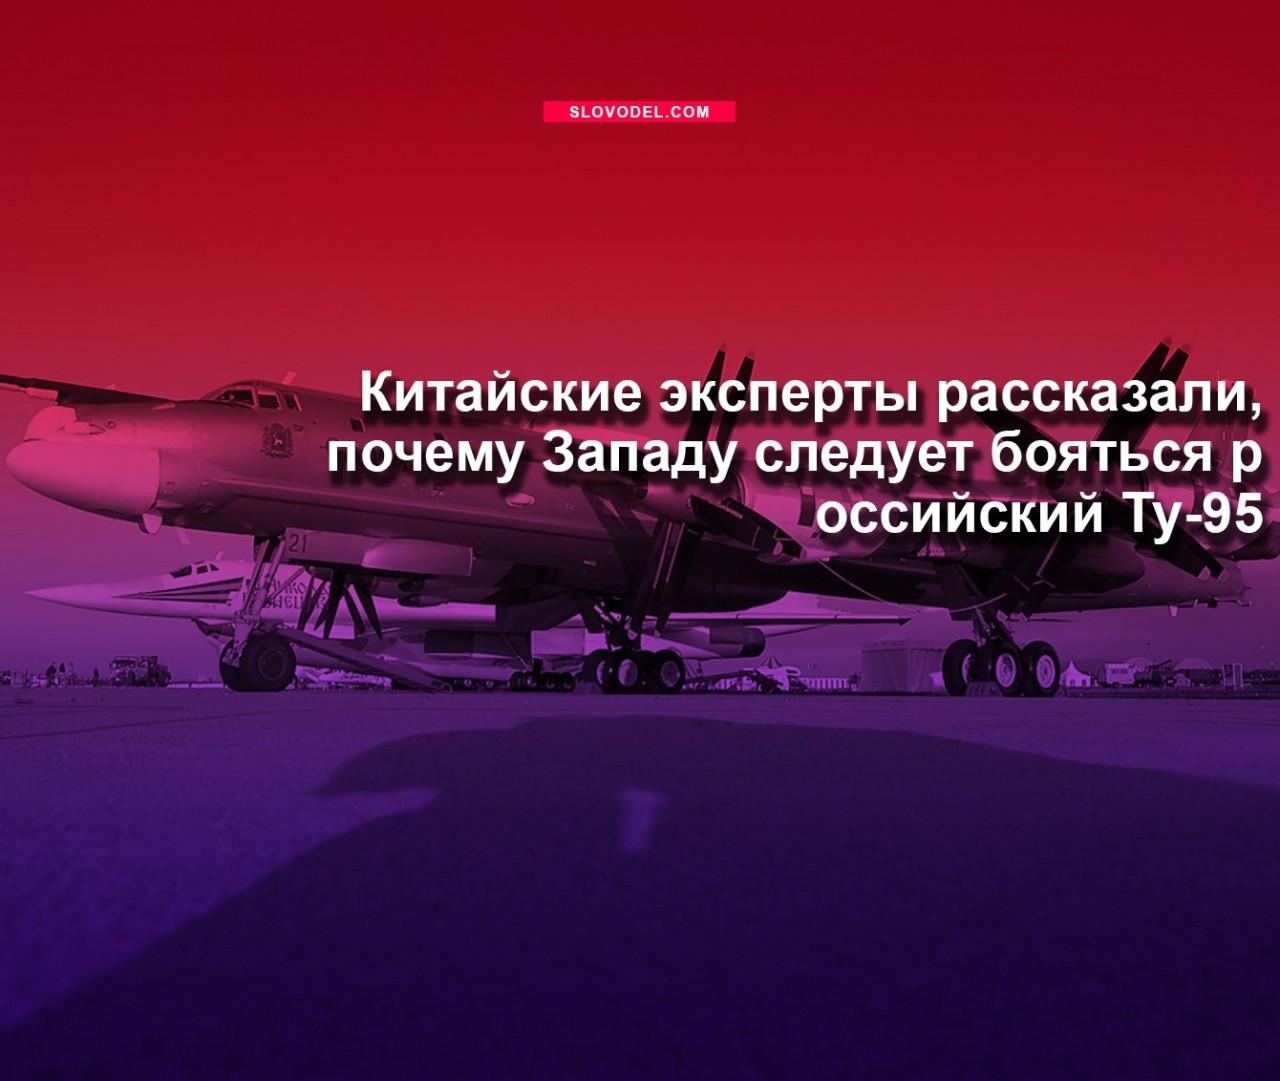 Китайские эксперты рассказали, почему Западу следует бояться российский Ту-95